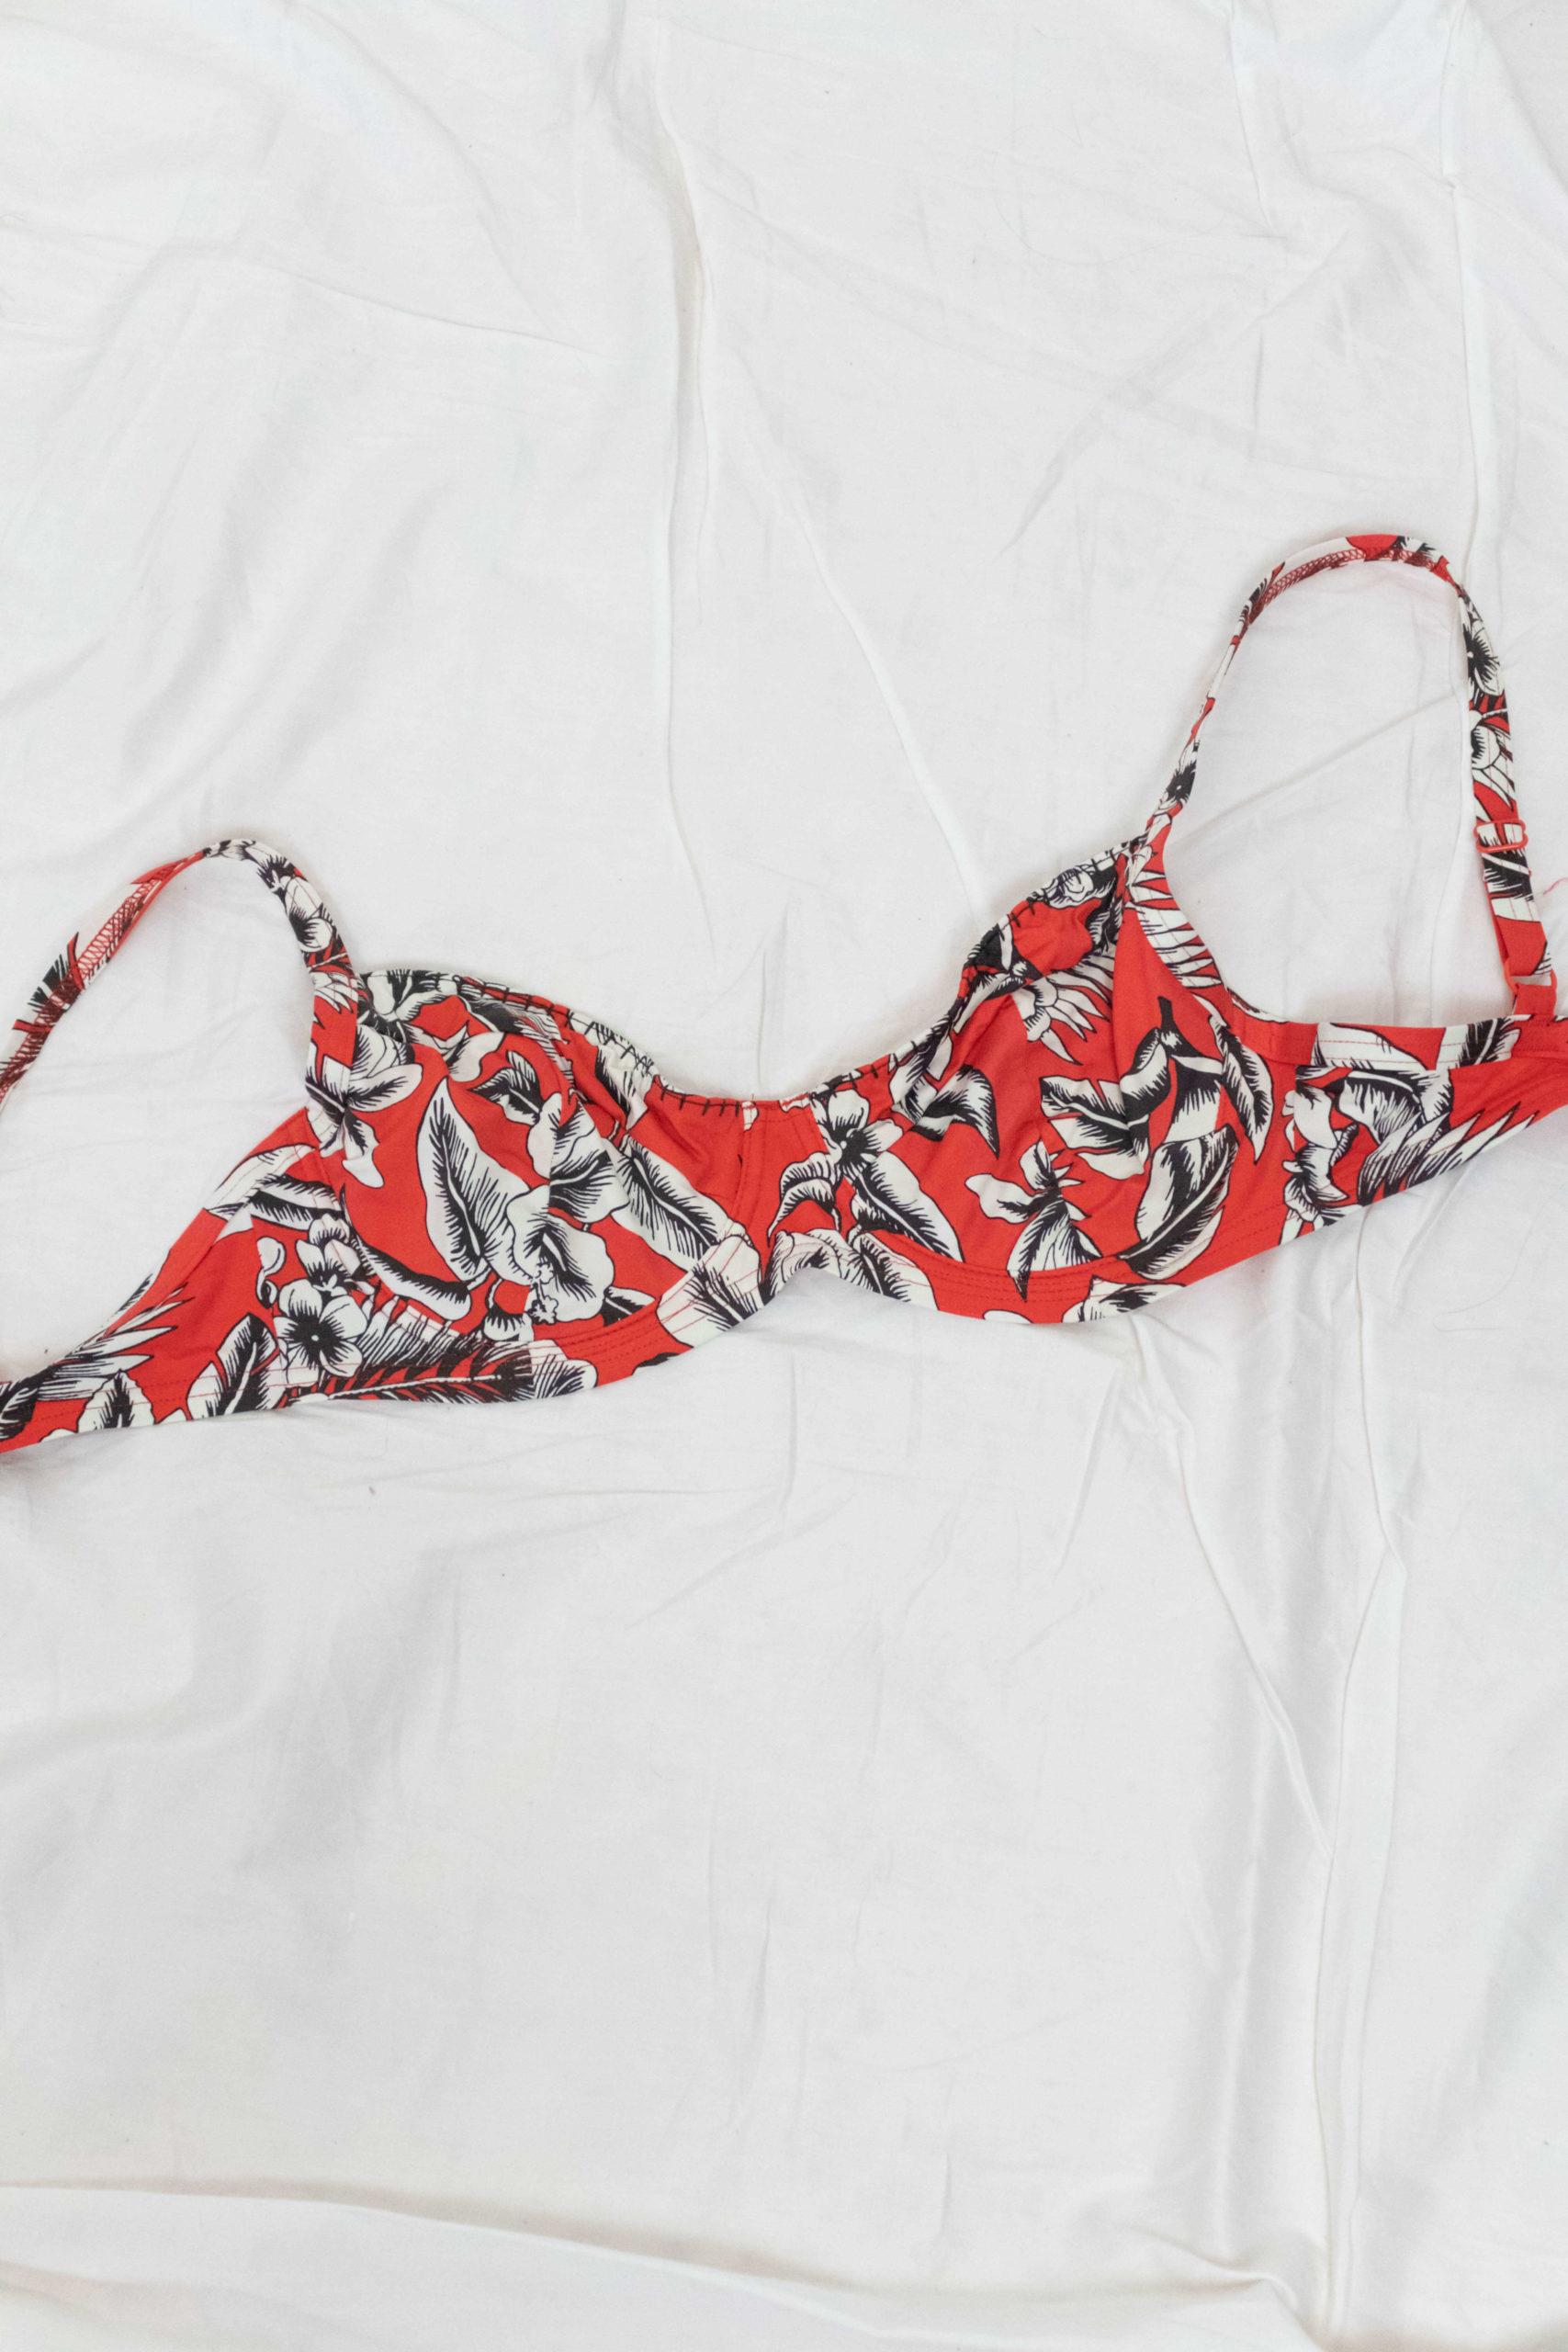 haut de maillot de bain rouge motif fleuri blanc (3)